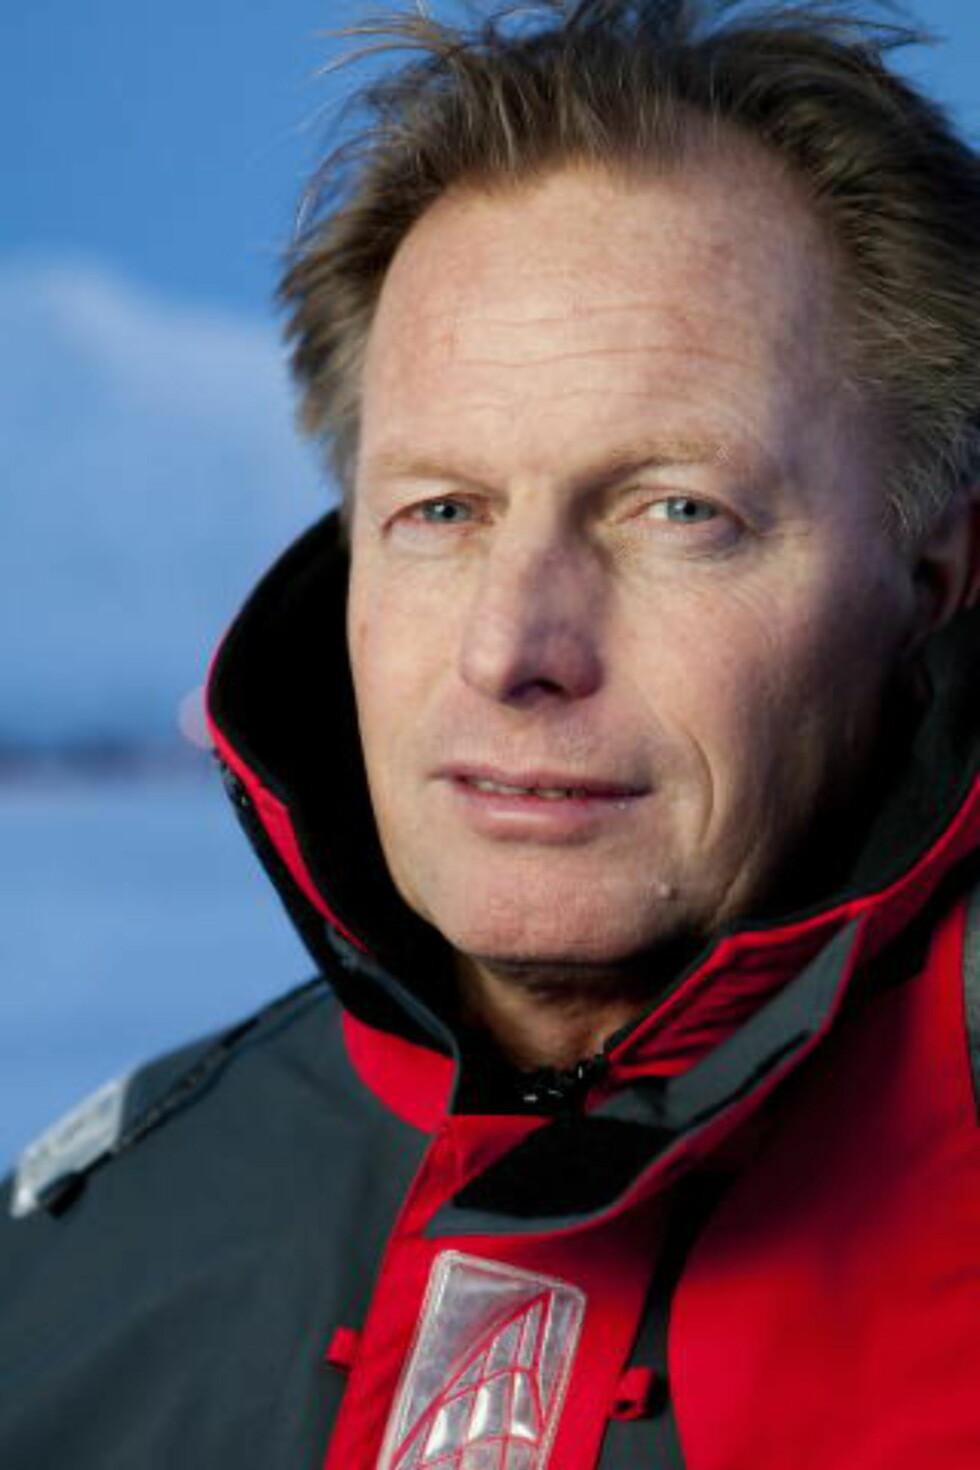 MOT STRØMMEN: Pål Brekke er uenig med flertallet av klimaforskere og mener sola spiller en større rolle for klimaendringene enn antatt. Nå kan han få teorien testet i det han beskriver som et stort eksperiment fra naturens side.  Foto: NTB Scanpix